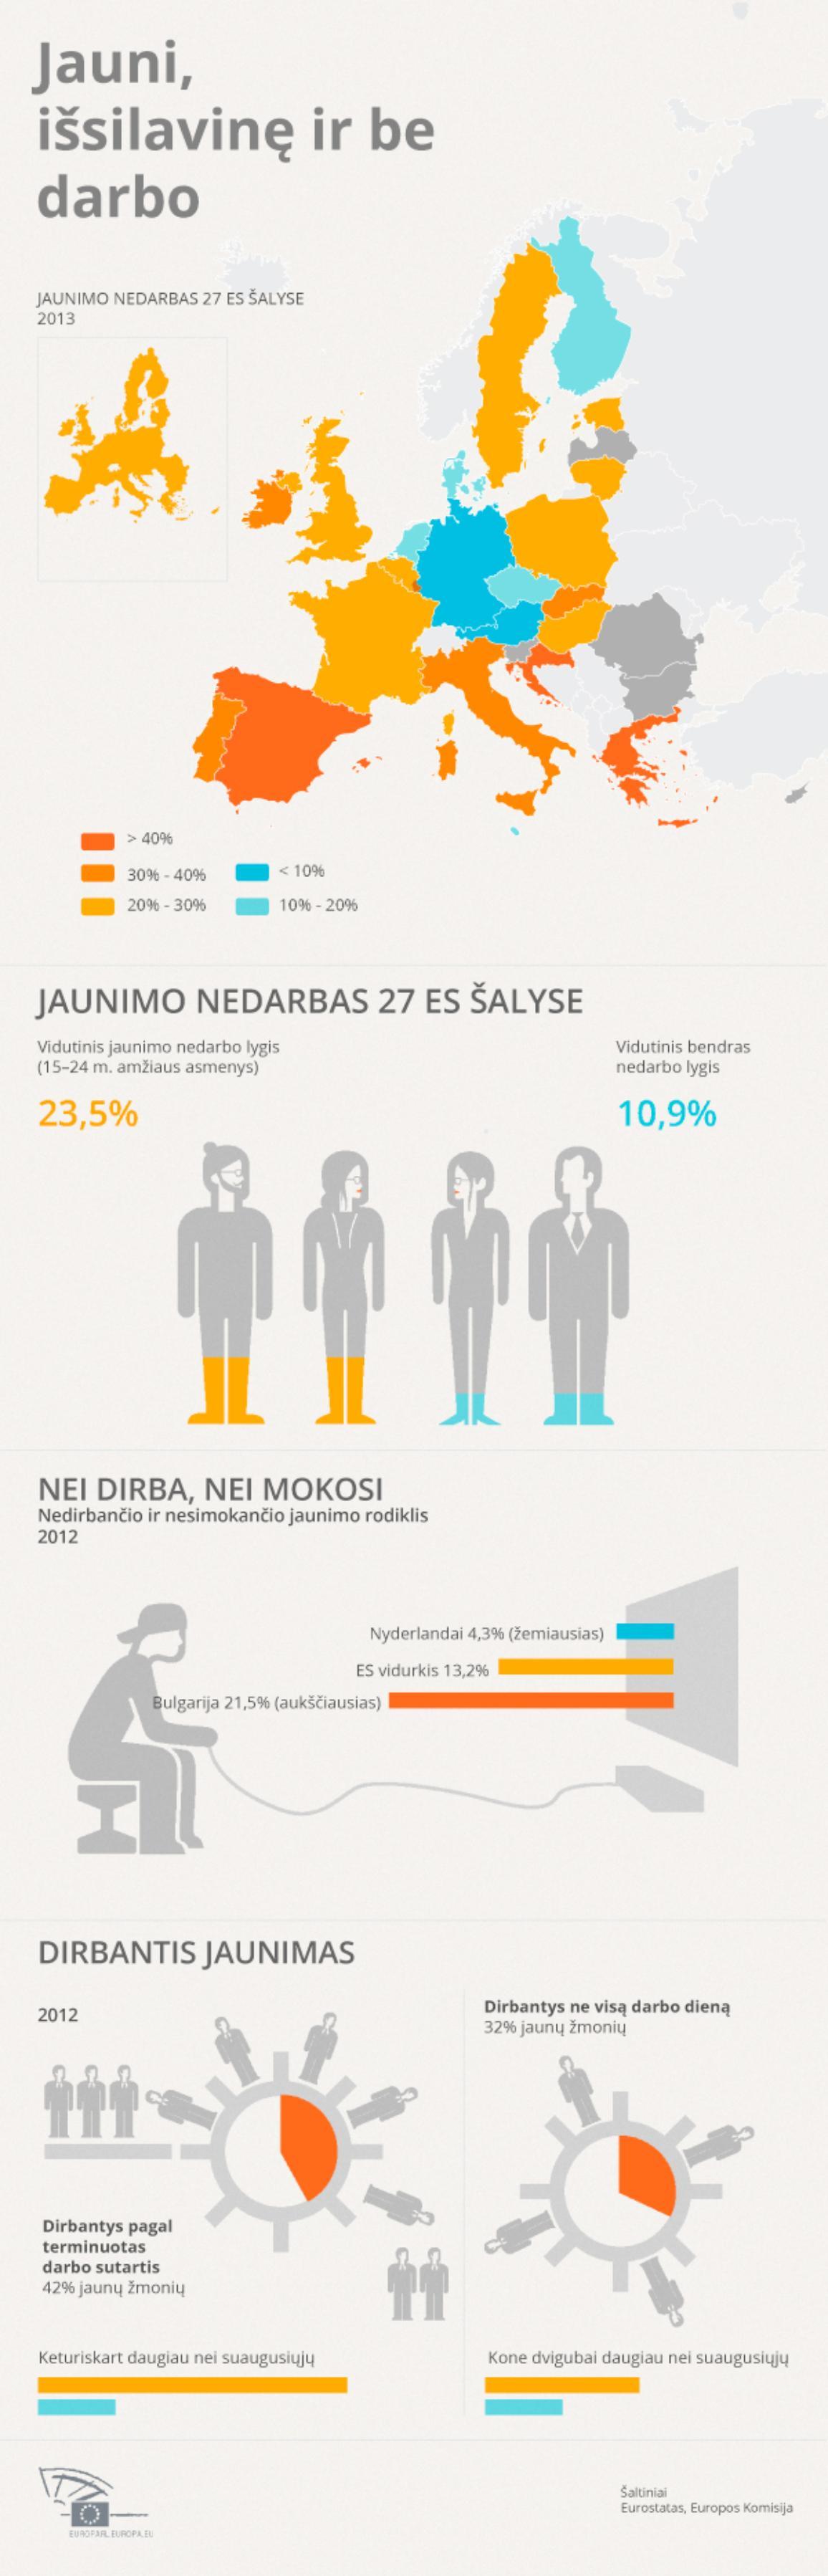 Jauni, išsilavinę ir be darbo